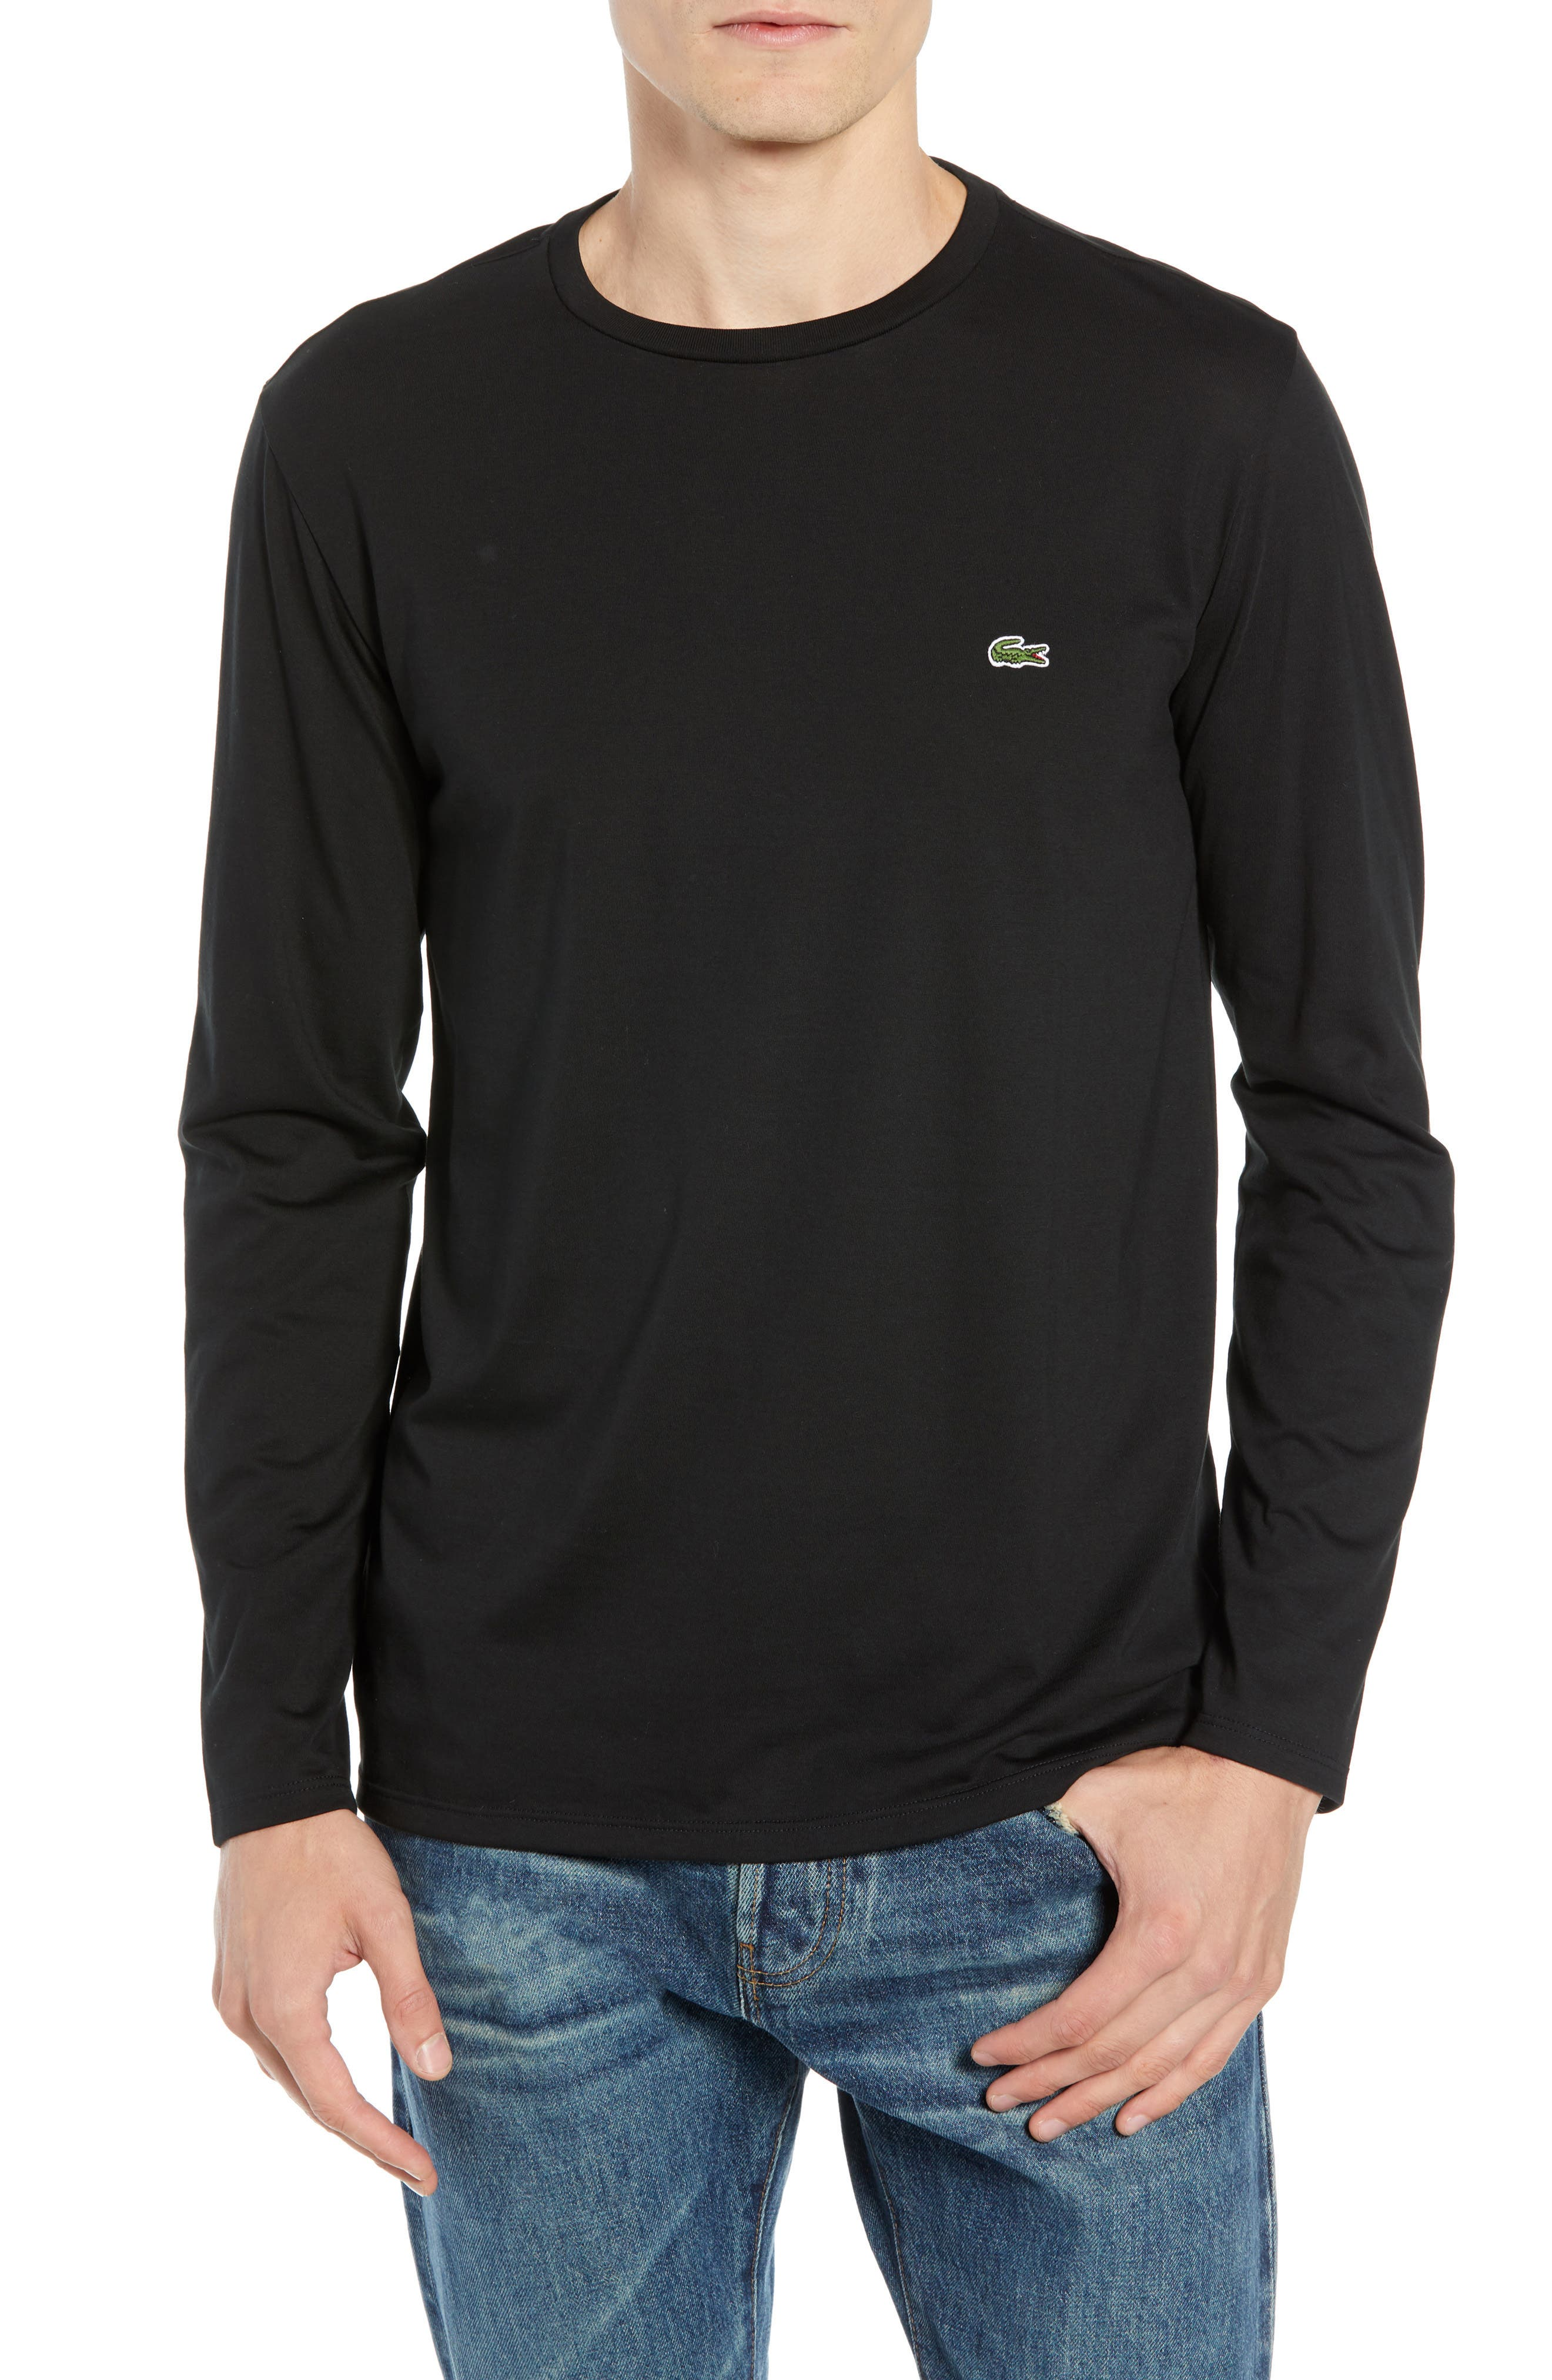 c9d420e8 Lacoste Regular Fit Long Sleeve Pima Cotton T-Shirt, Black